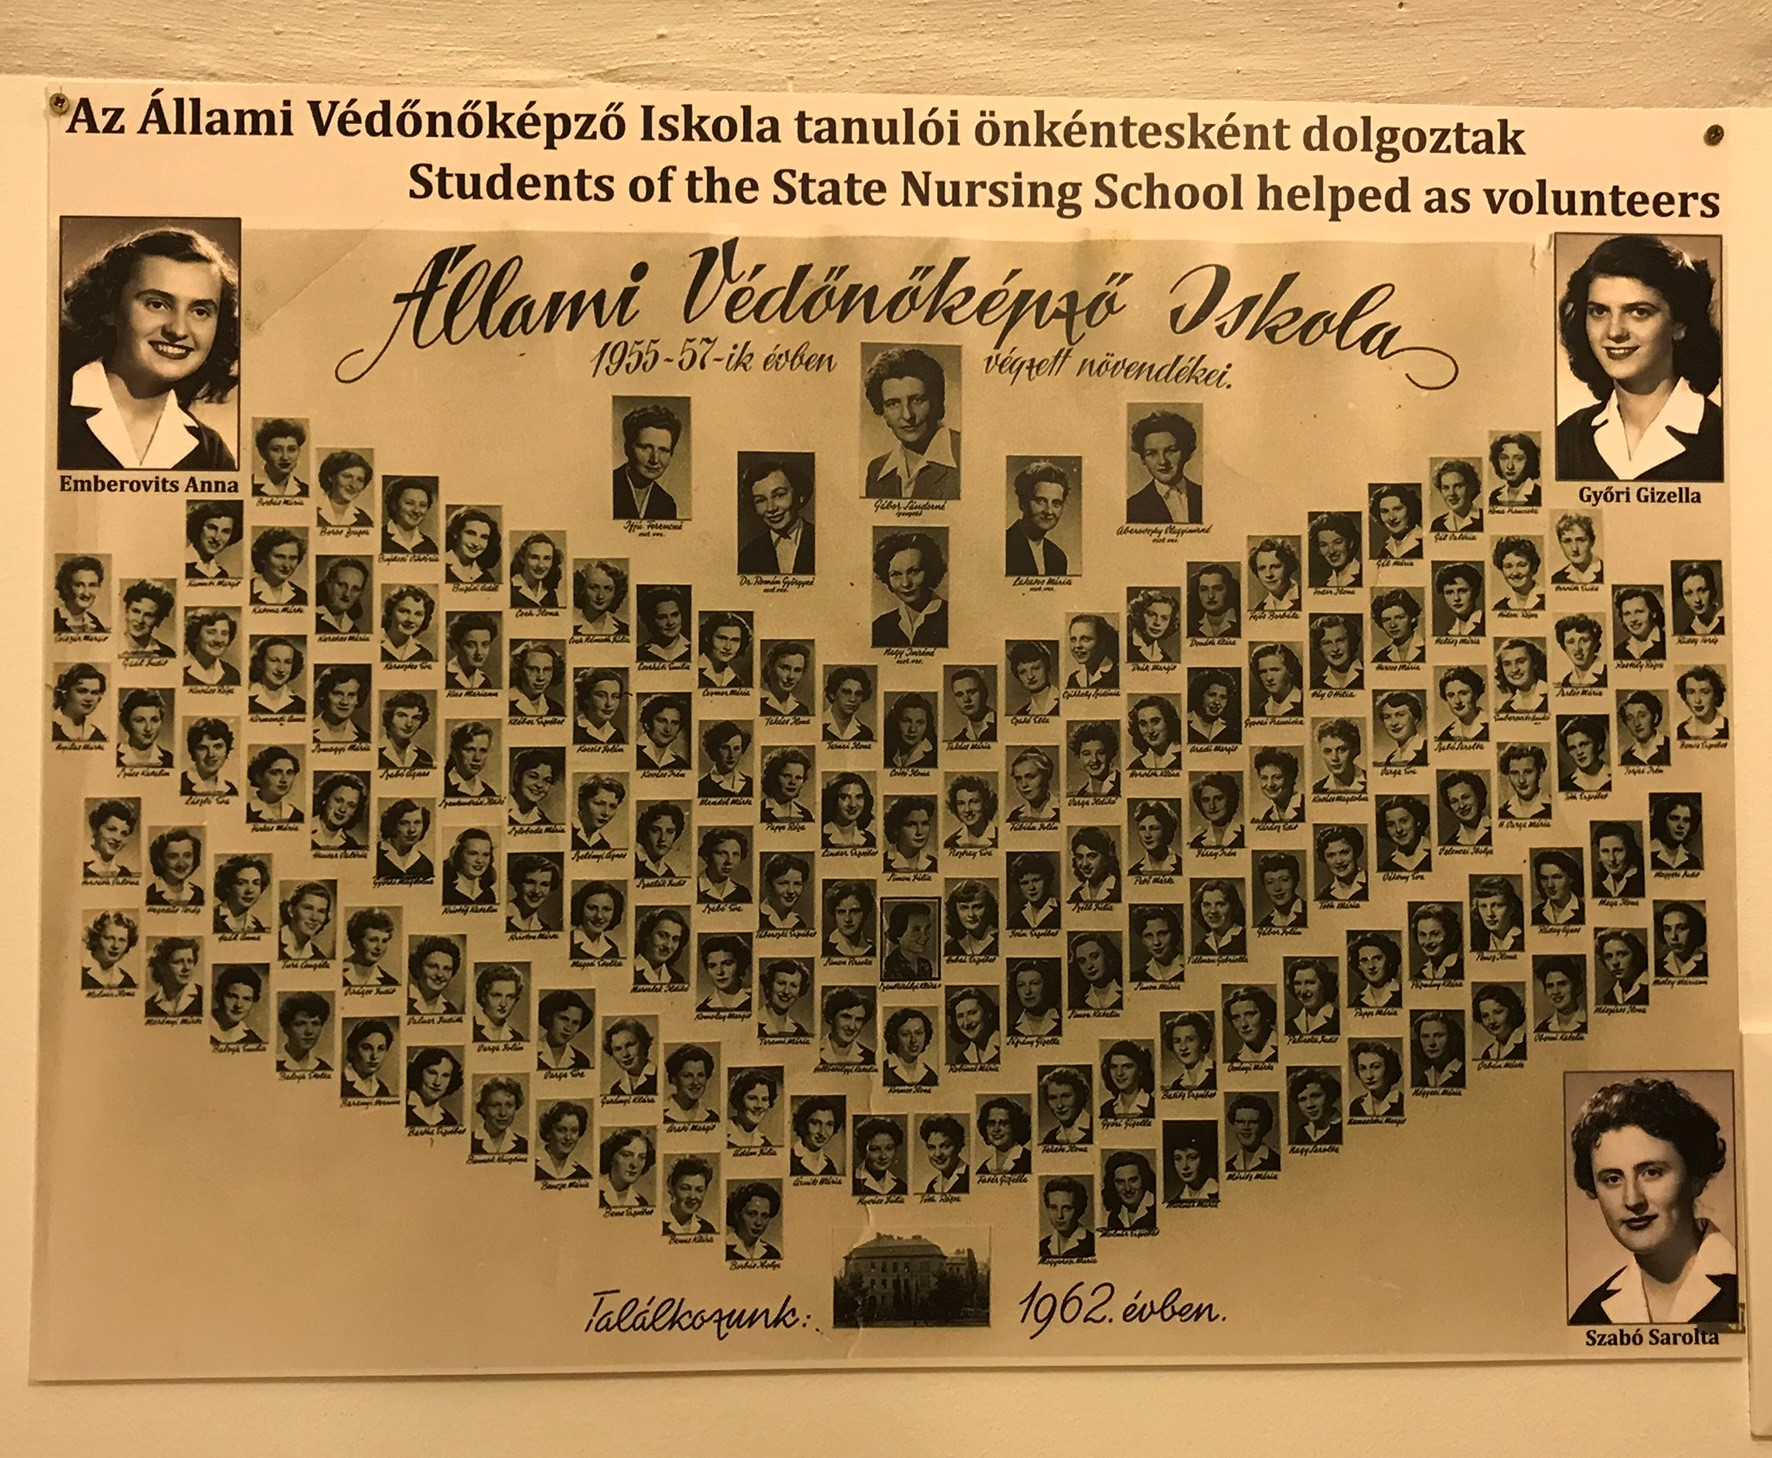 Az egykori nővérképző iskola növendékei, akik közül sokan itt dolgoztak a kórházban. Győri Gizi néni is, aki az 1956-os forradalom idején egy szovjet kiskatonát ápolt, mellette rengeteg magyart is. Tőle és még ma is élő nővérek elmeséléseiből, valamint történeti kutatómunkából állt össze a  körkép, hogy mi történt pontosan fél évszázaddal ezelőtt.